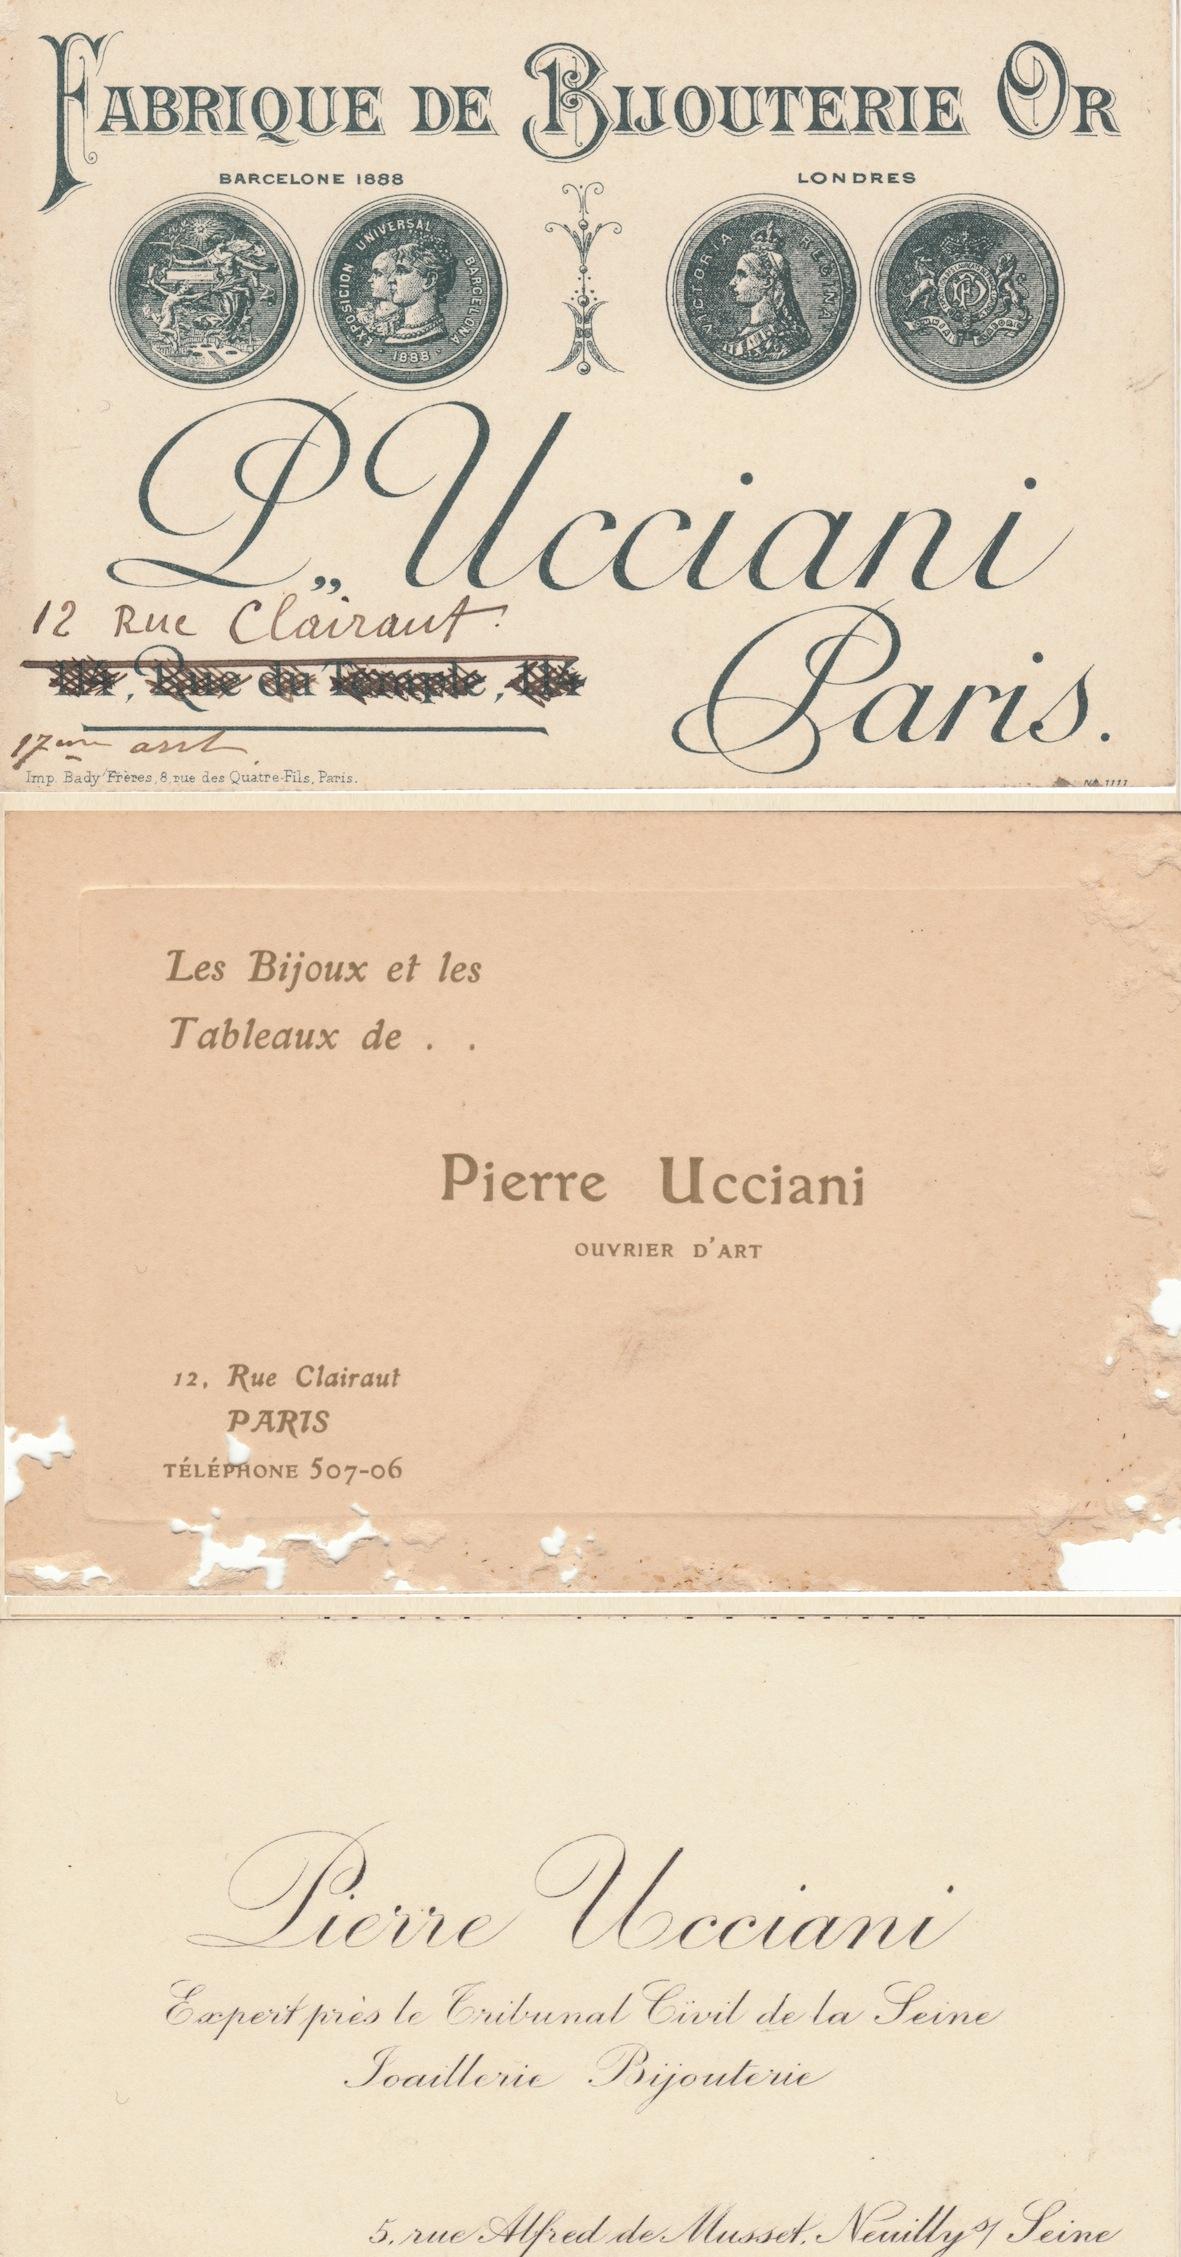 FichierUcciani Pierre Doc Cartes De Visite Fabrique Bijouterie Or Ouvrier